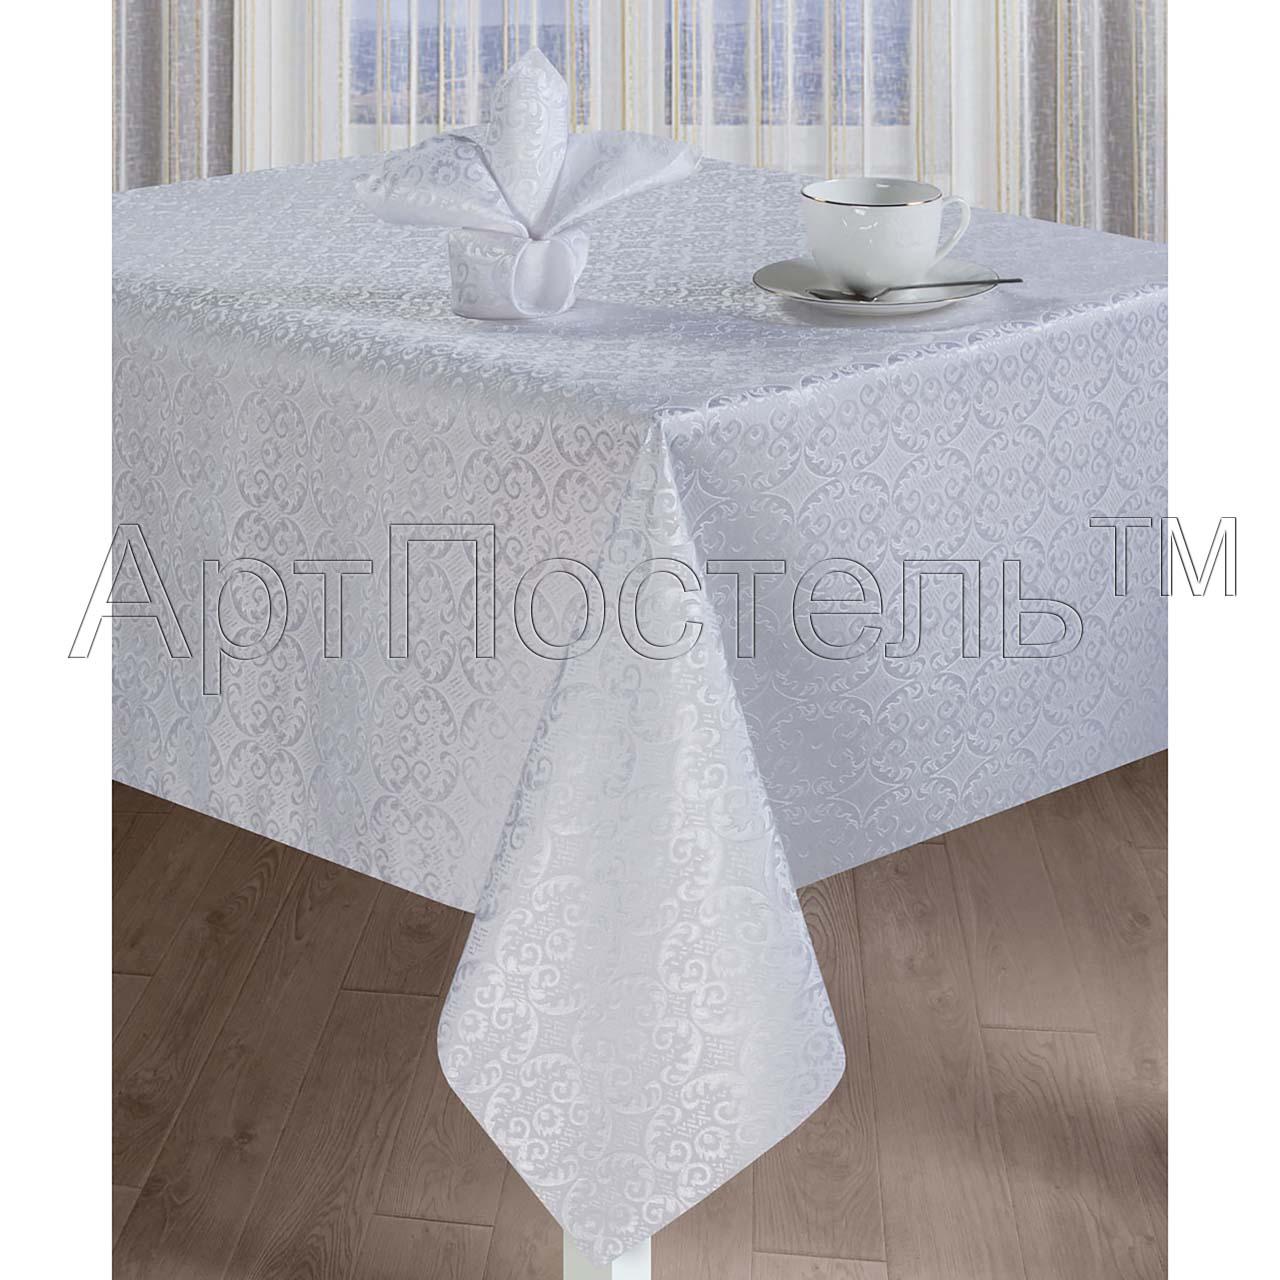 Кухонные принадлежности Марго Белый р. 120х150Скатерти<br>Скатерть: 120х150 см - 1 шт. <br>Салфетка: 40х40 см - 4 шт.<br><br>Тип: Кухонные принадлежности<br>Размер: 120х150<br>Материал: Жаккард